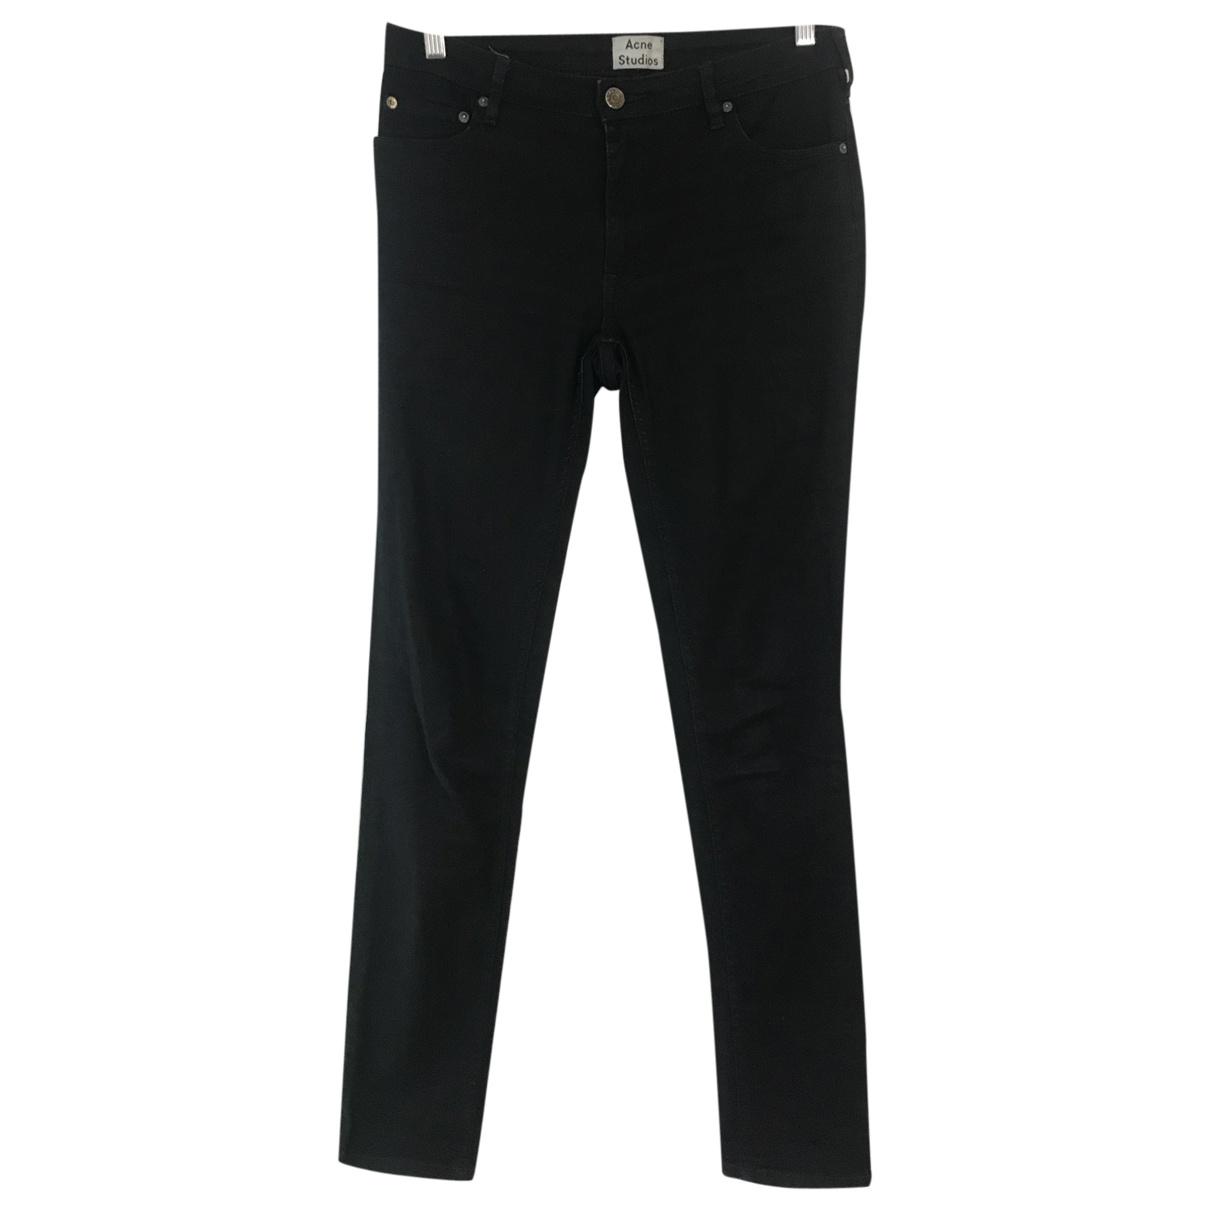 Acne Studios Flex Blue Cotton - elasthane Jeans for Women 29 US